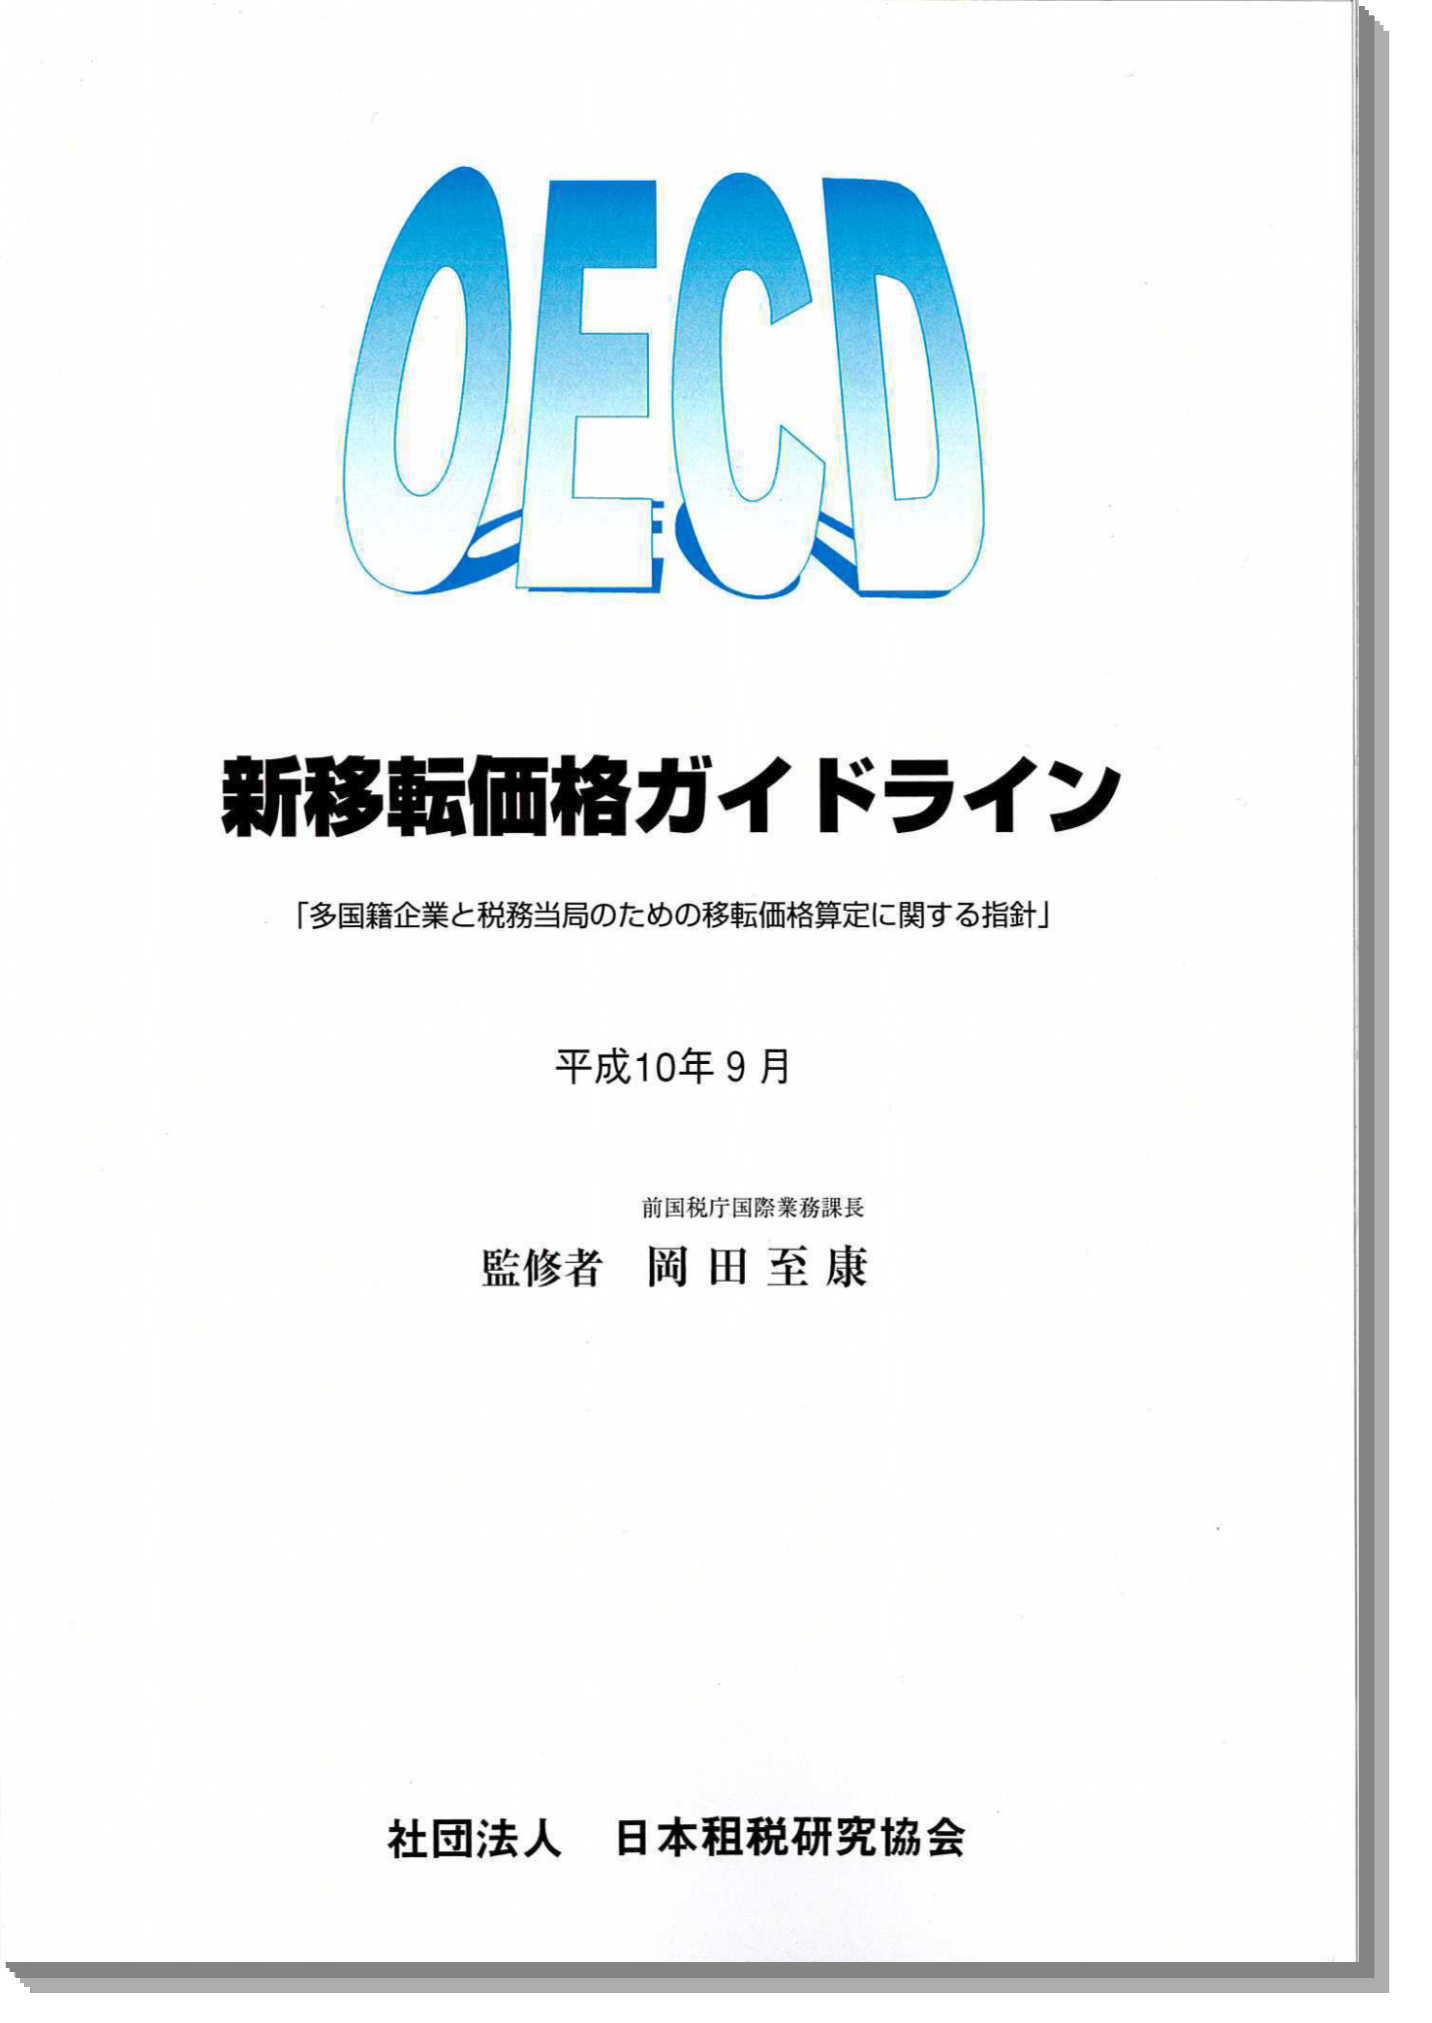 <増刷> OECD新移転価格ガイドライン 「多国籍企業と税務当局のための移転価格算定に関する指針」